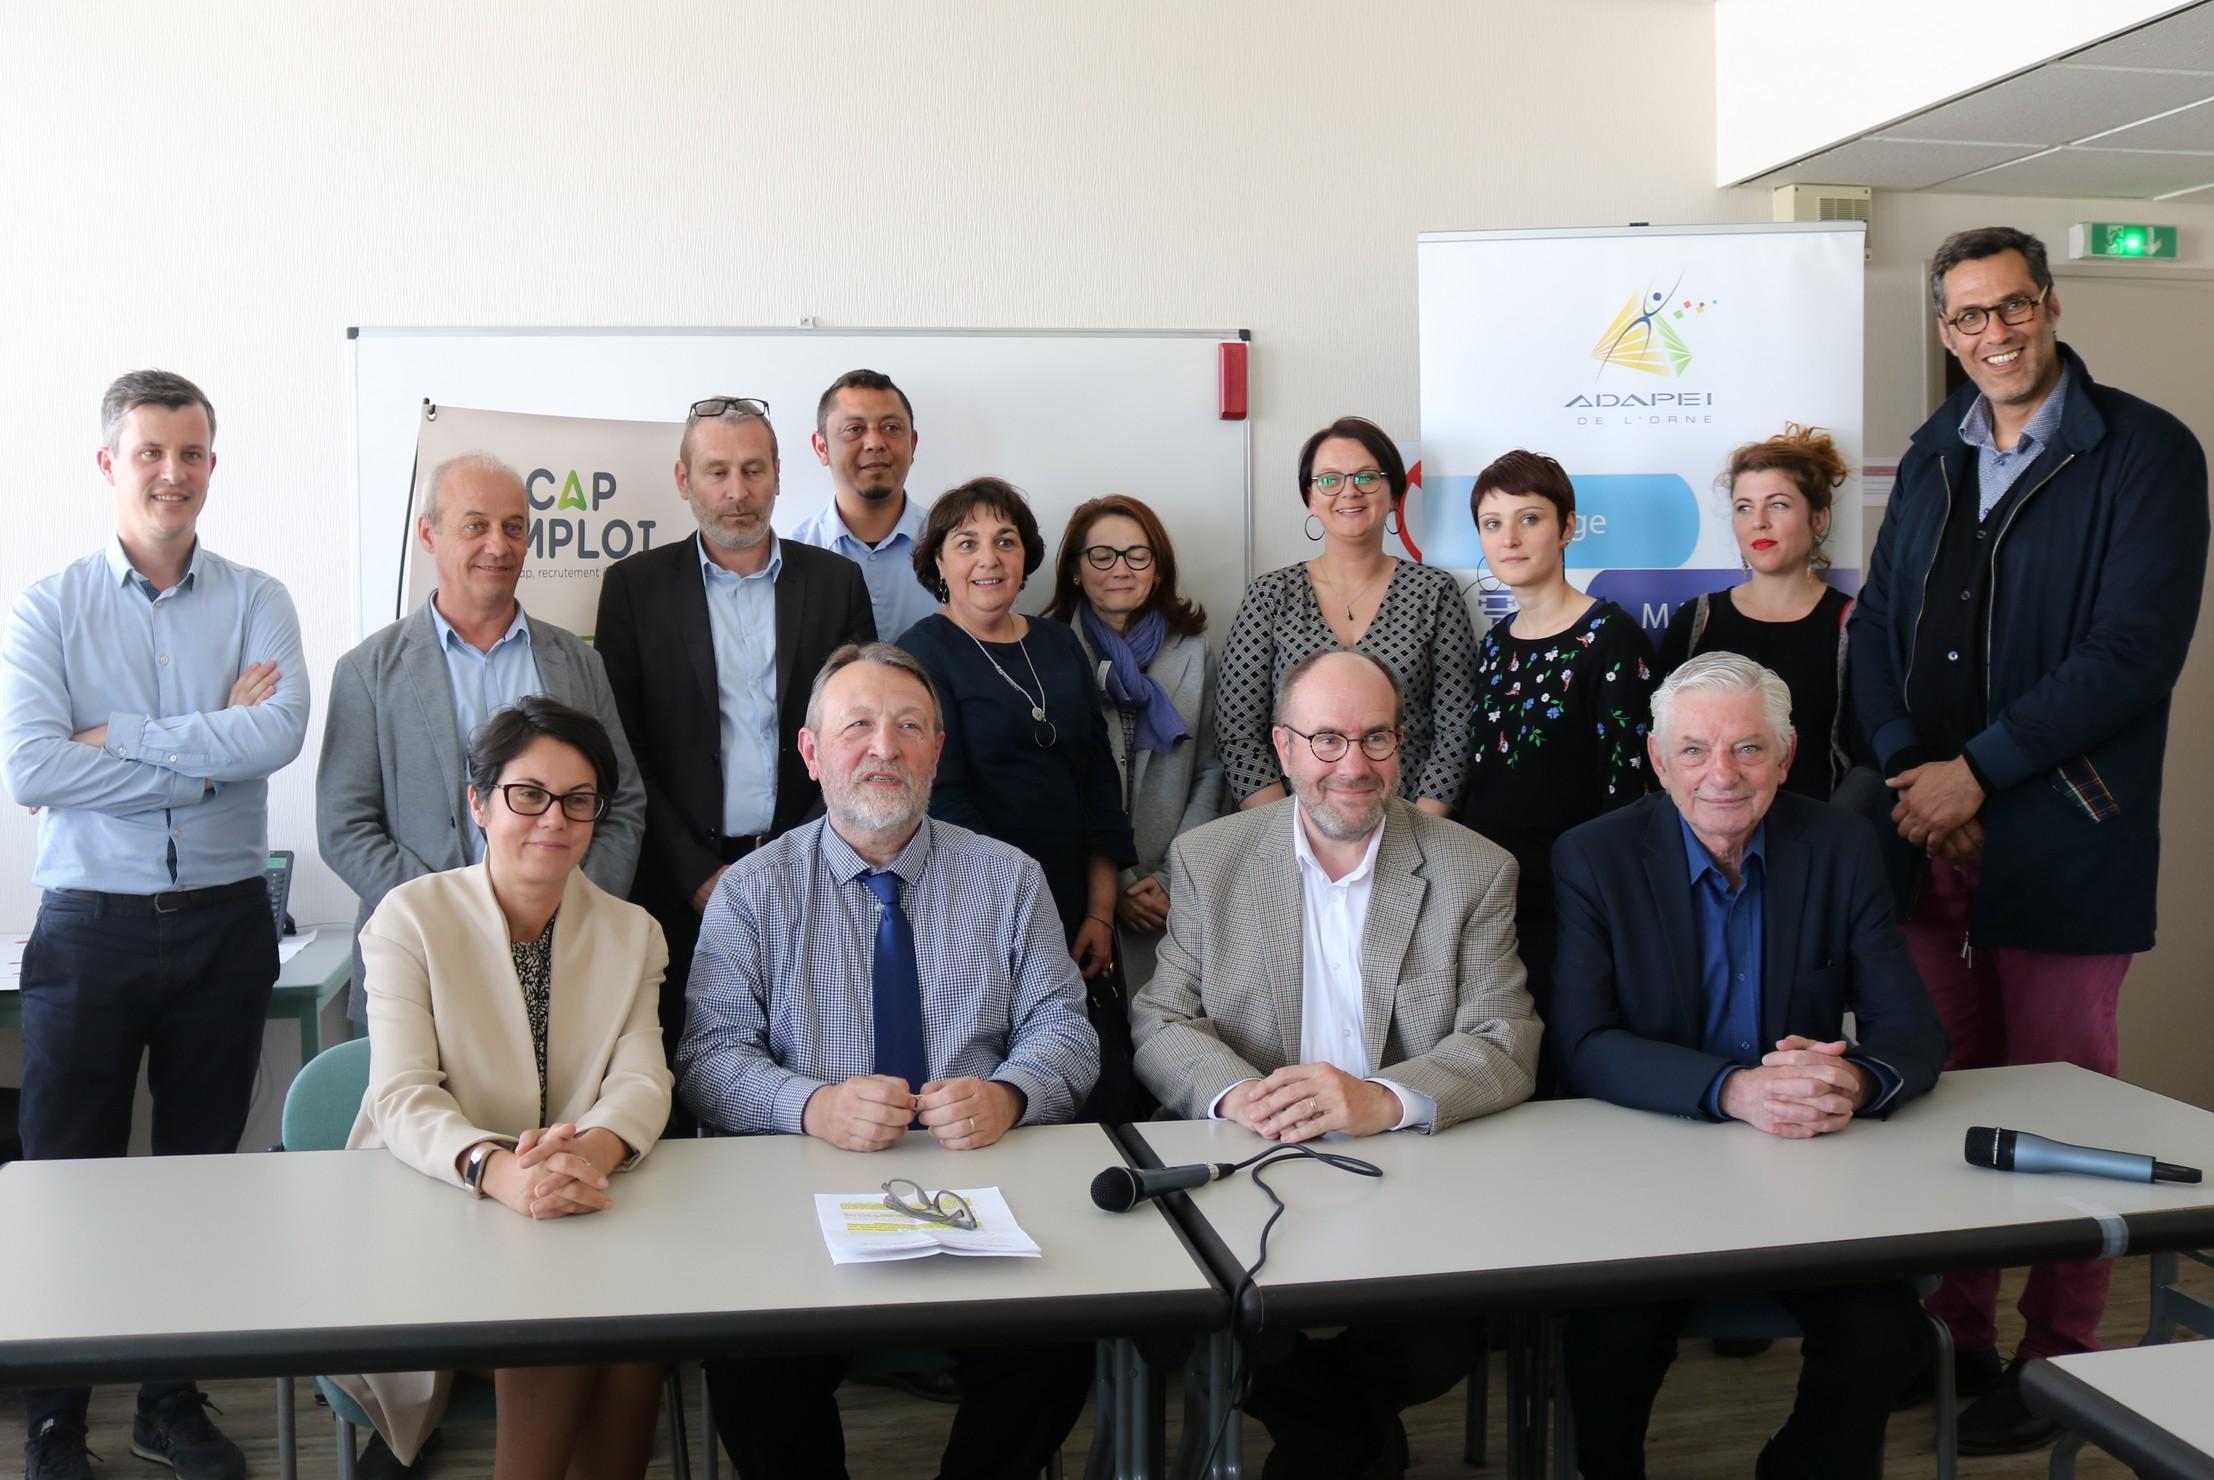 Beau succès pour Cap Emploi Orne et l'Adapei de l'Orne pour le DuoDay 2019 dans le département, le jeudi 16 mai. Ils ont fait oeuvre d'acteurs solidaires avec l'ensemble de leurs partenaires, qu'ils soient privés ou publics. Ainsi, plus de 80 duos ont été formés dans l'Orne.